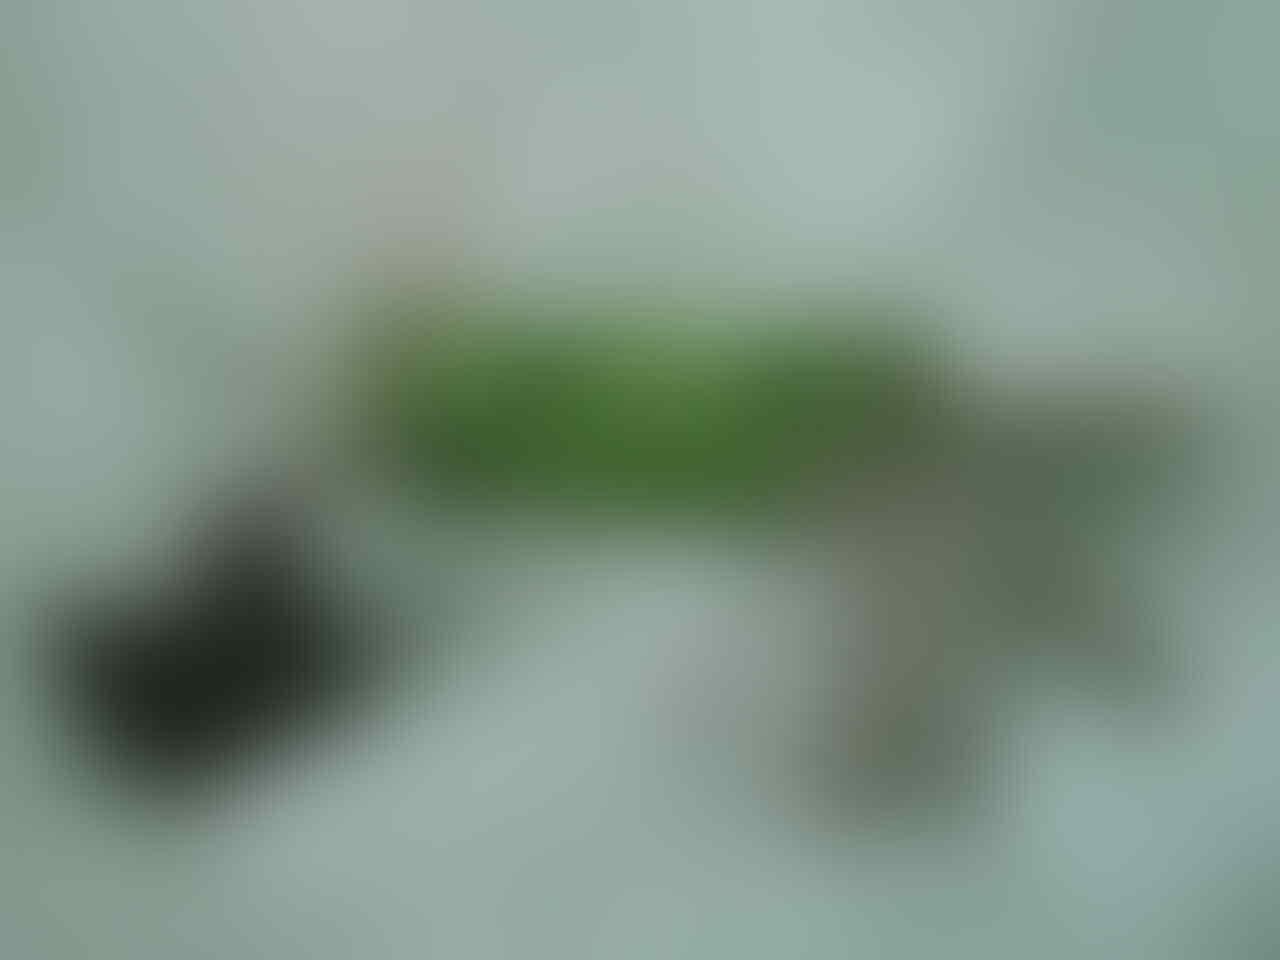 JUAL BIKE TOOL KIT 15 in 1 merk UNITED TERMURAH SEKASKUS !!!